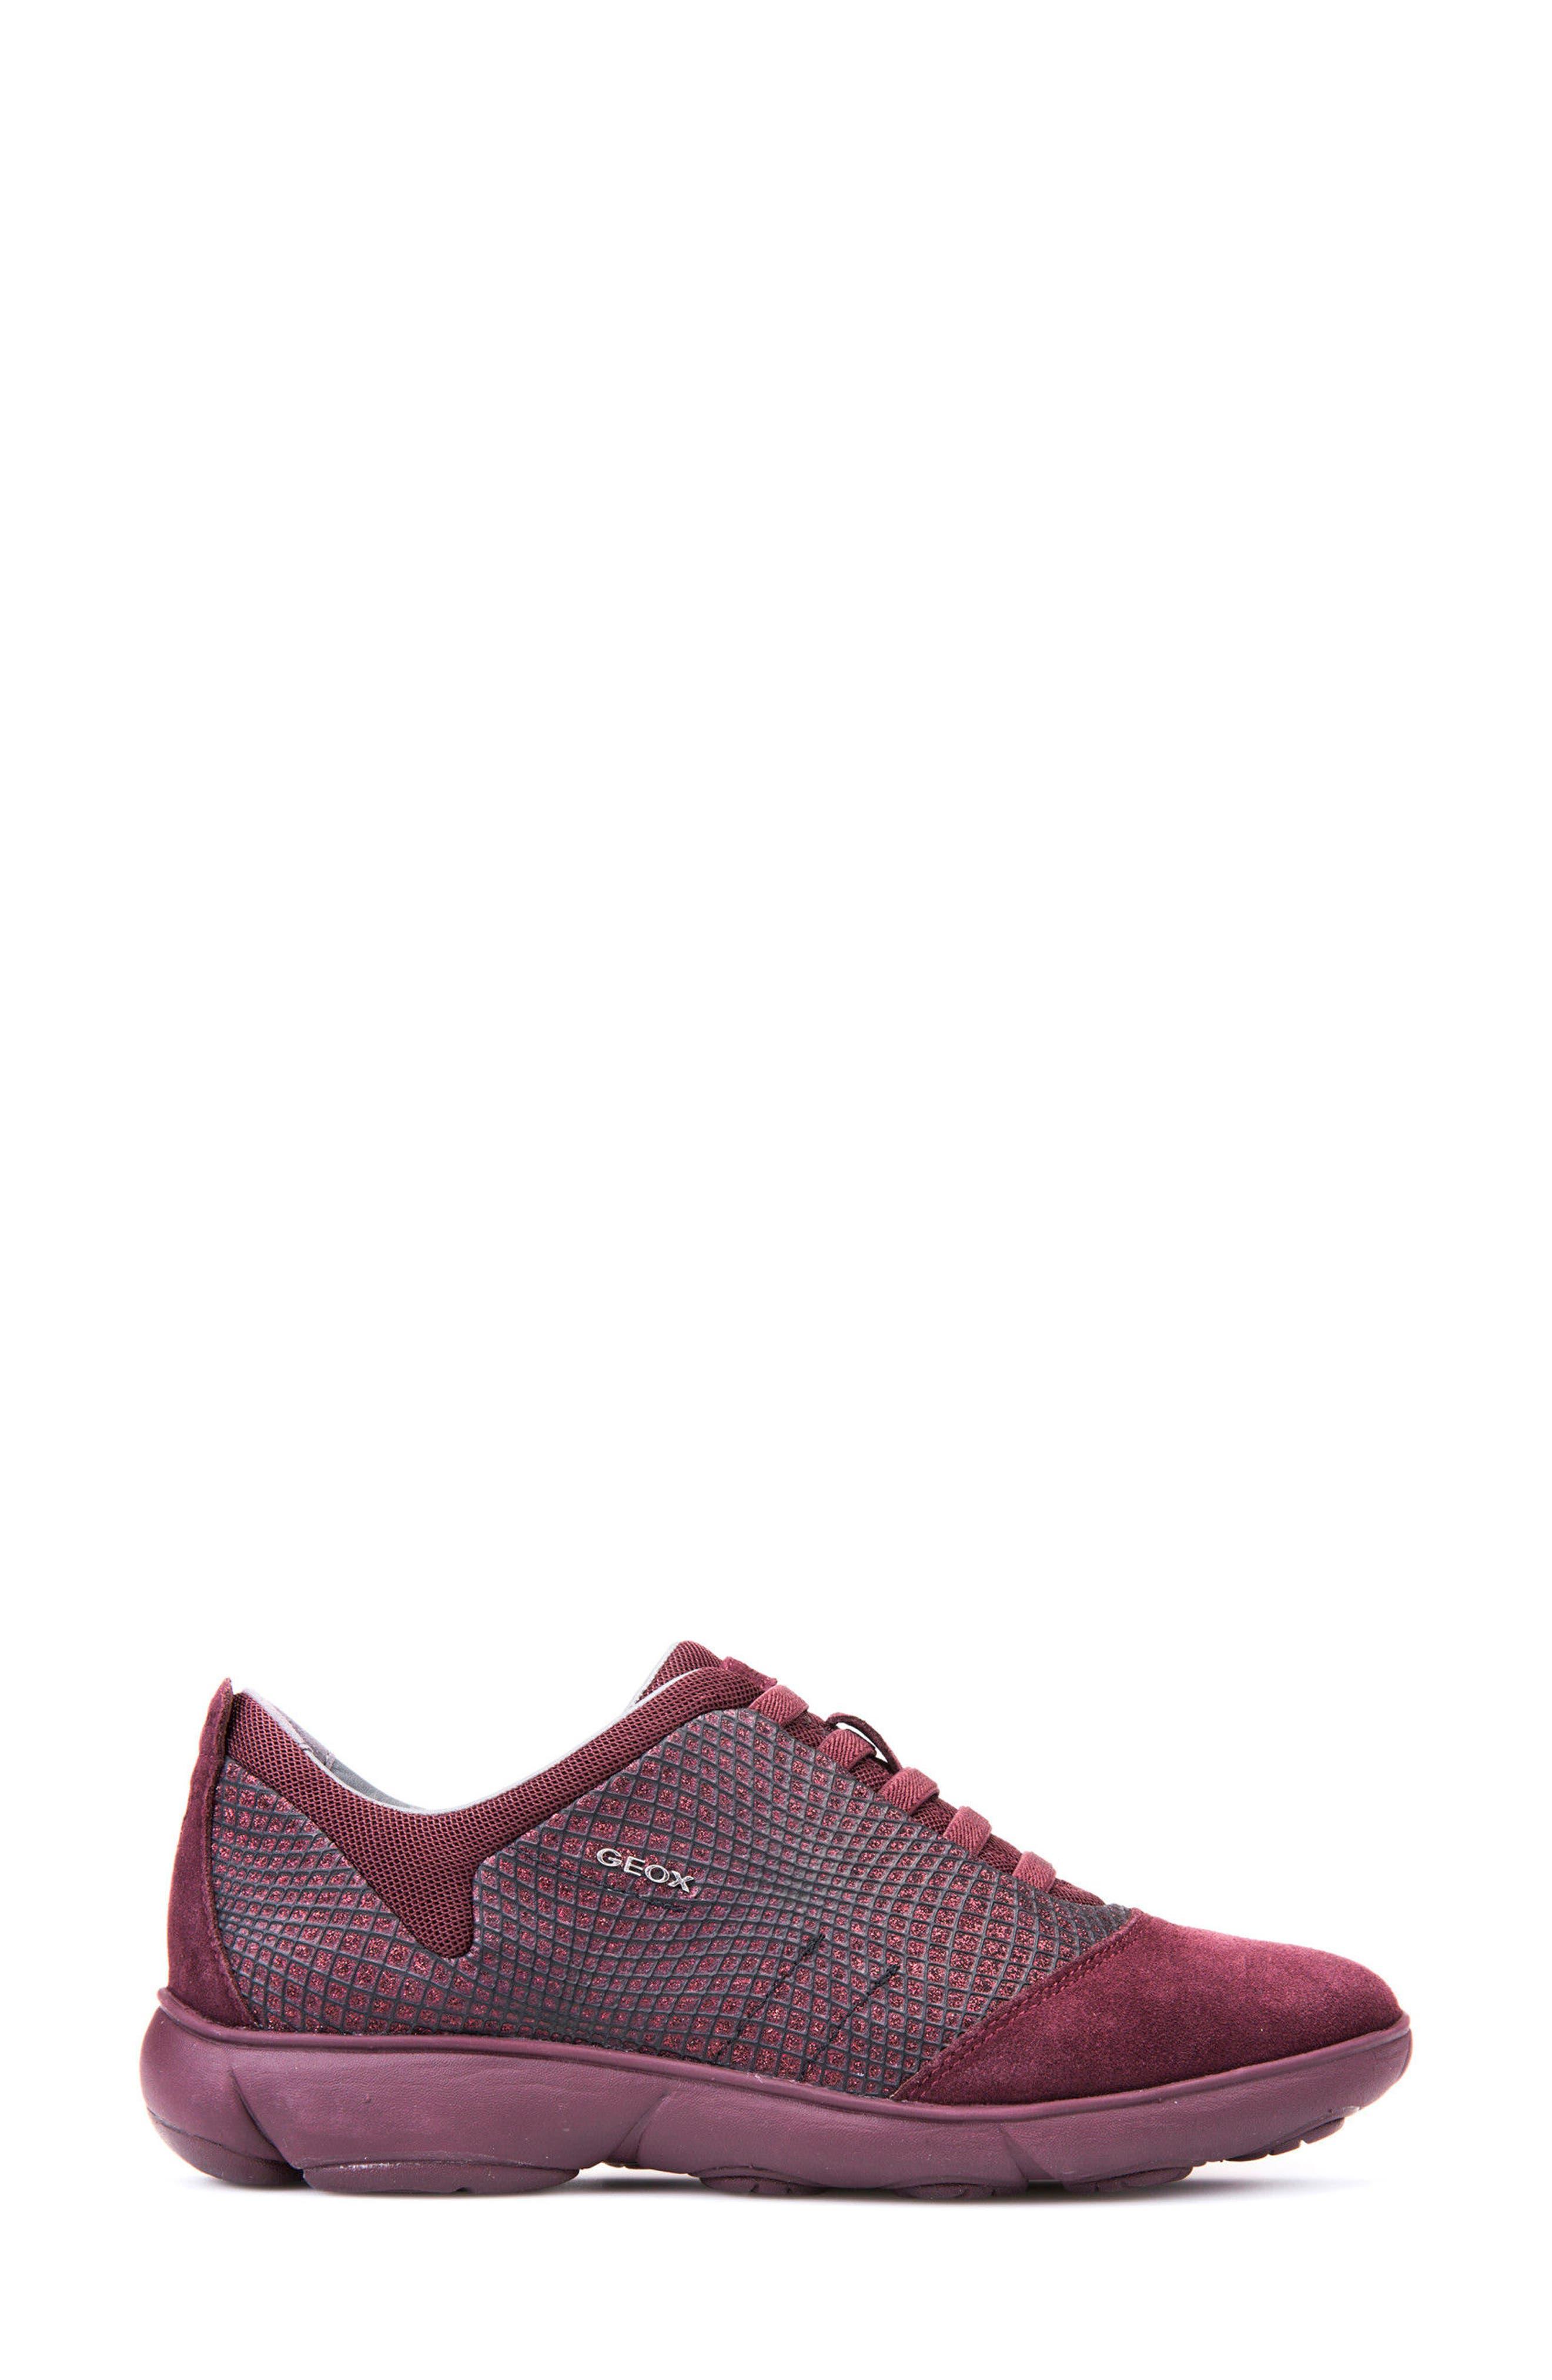 Nebula Slip-On Sneaker,                             Alternate thumbnail 33, color,